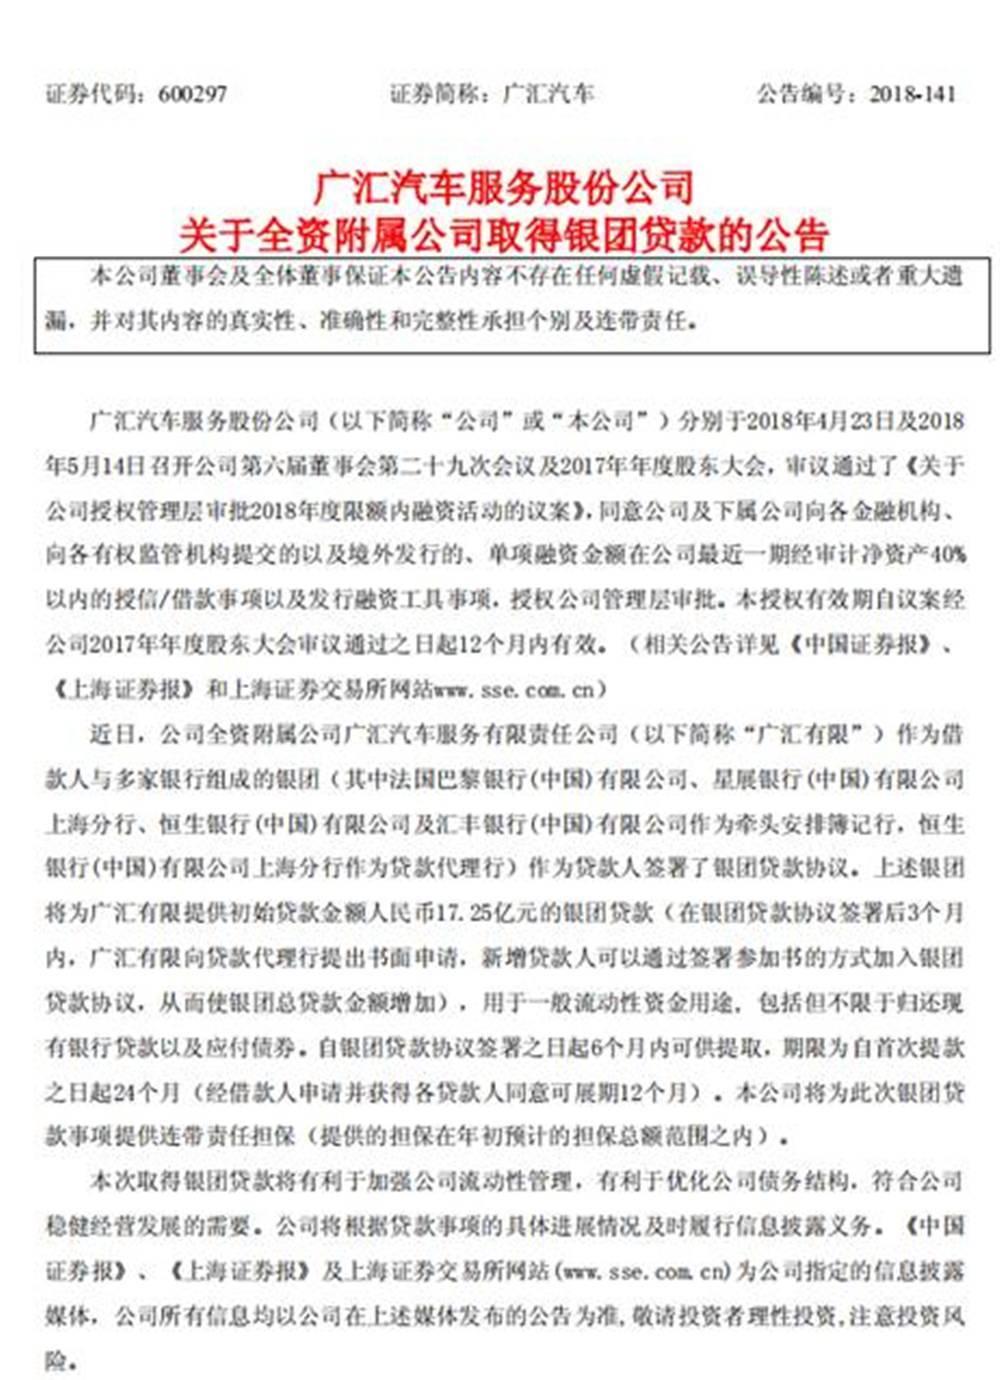 国家意志支持银团增贷民营汽车业寒潮终将告终?_凤凰彩票